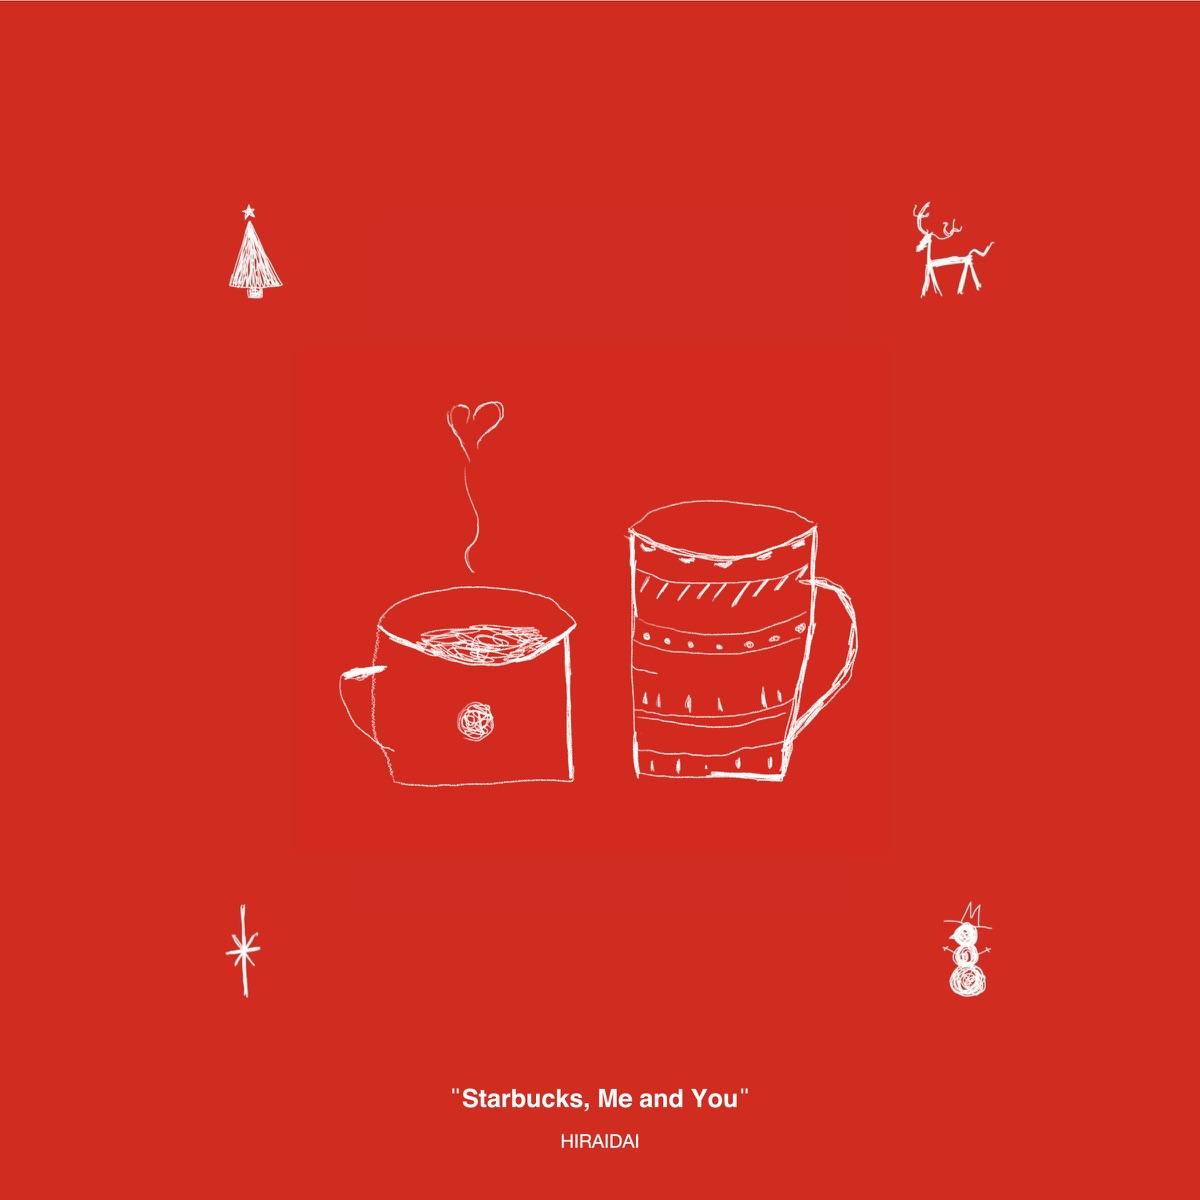 『平井大 - Starbucks, Me and You』収録の『Starbucks, Me and You』ジャケット